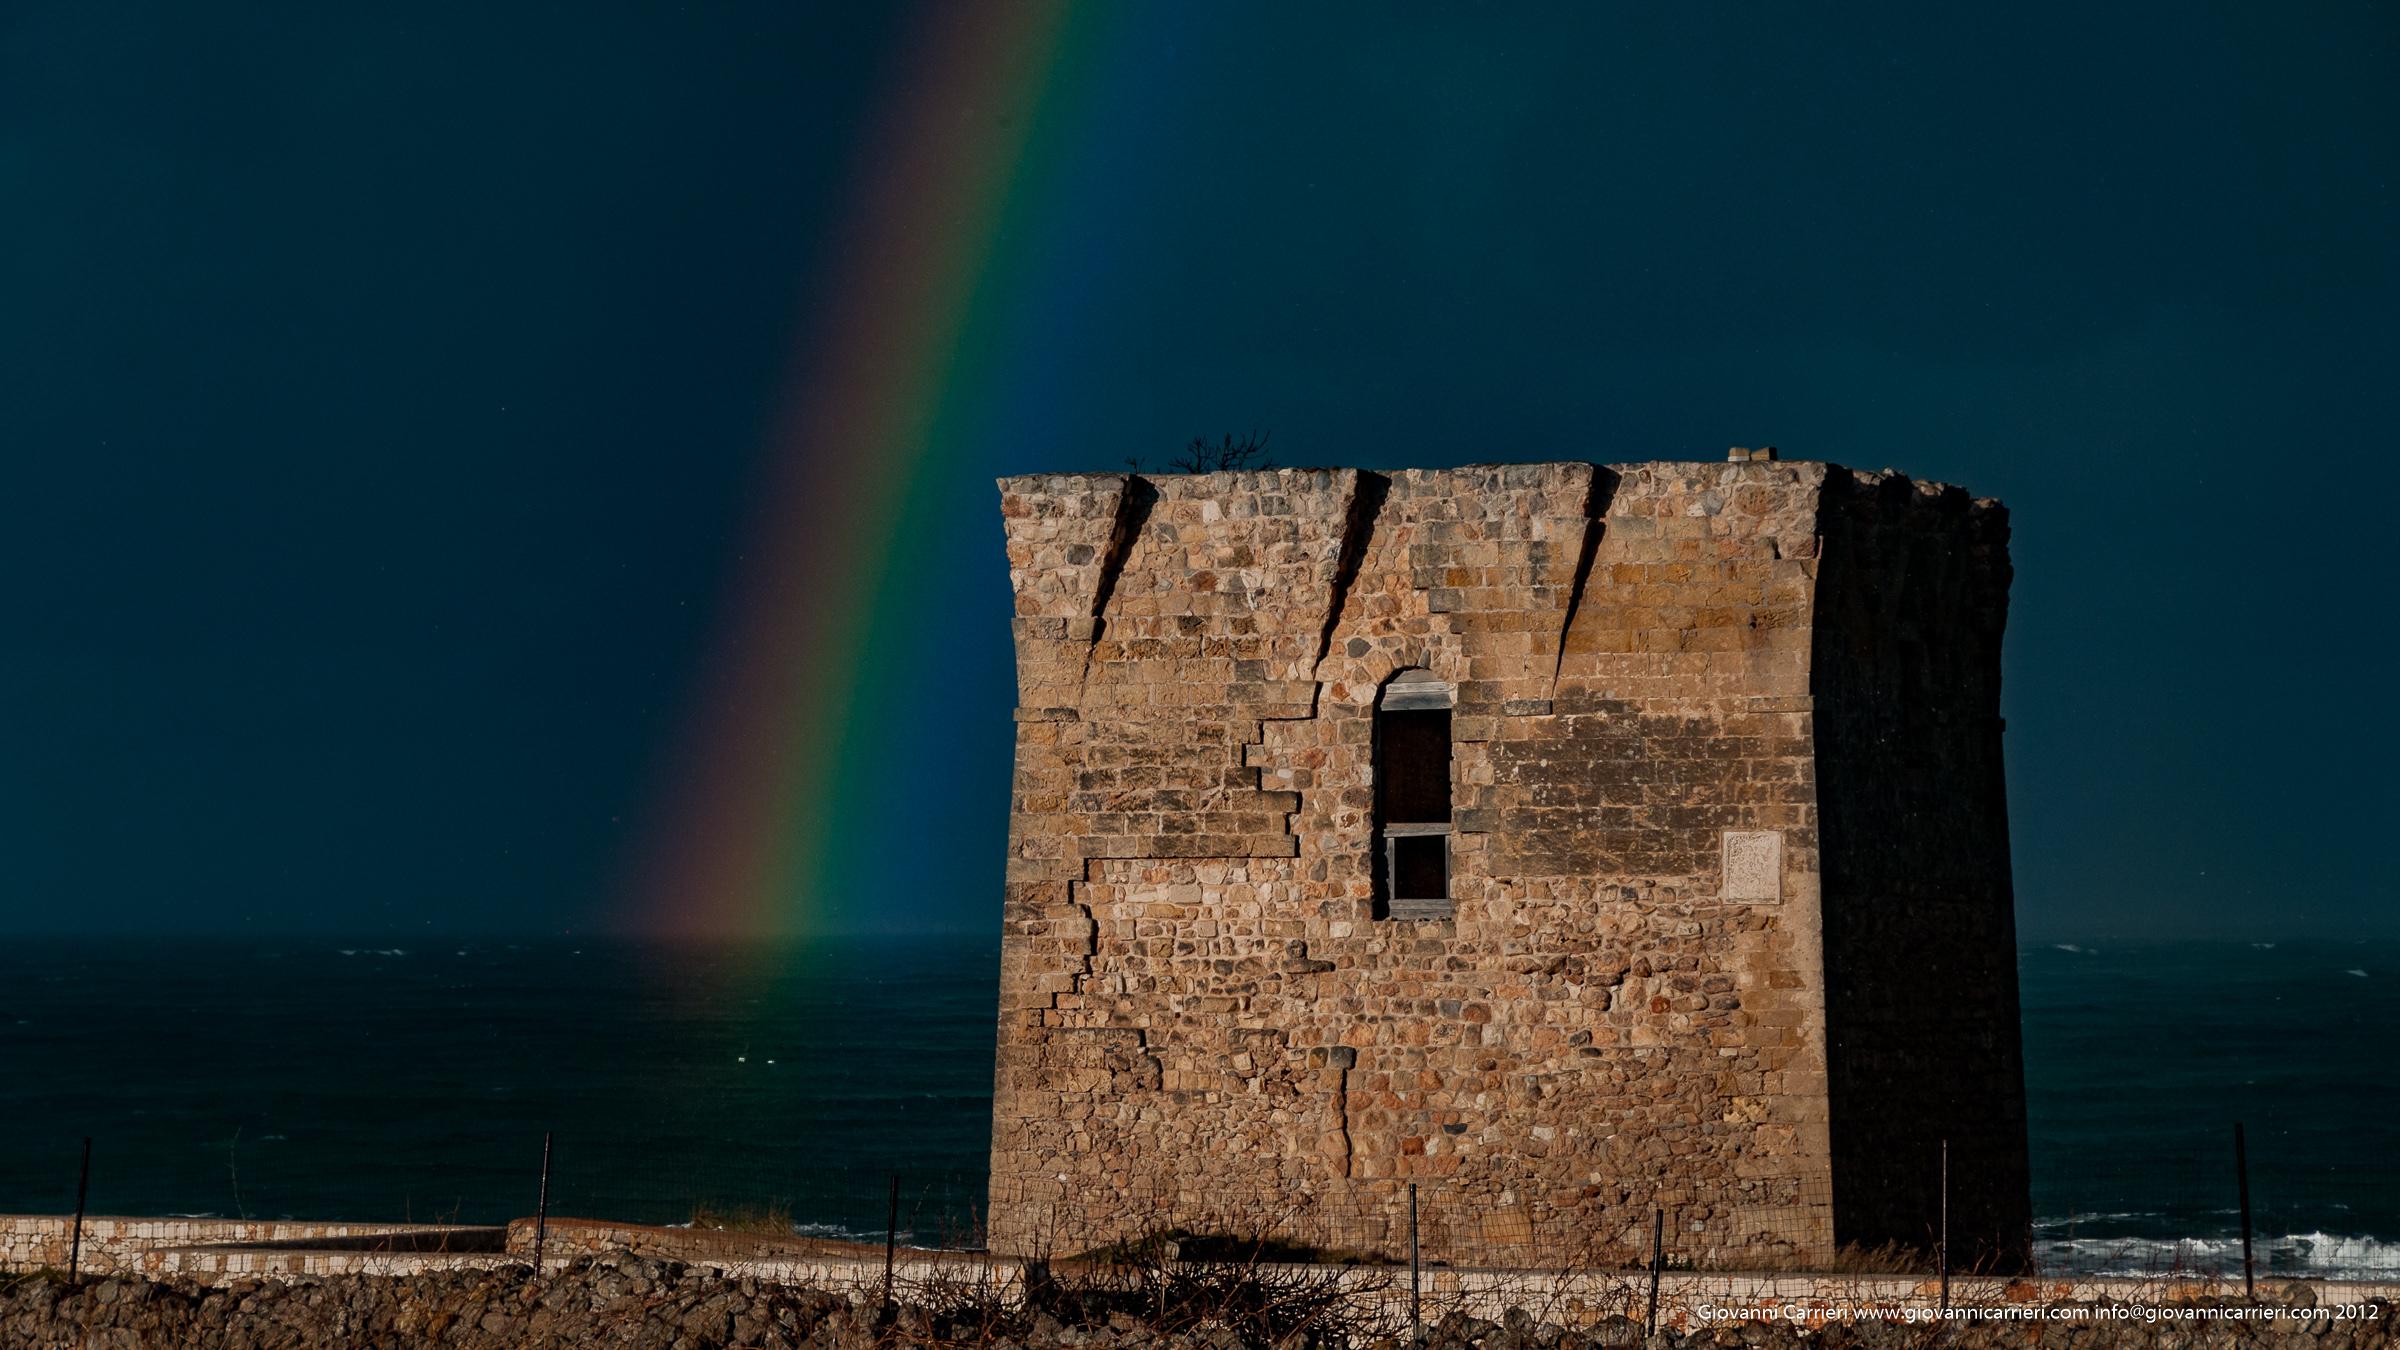 La torre e l'arcobaleno